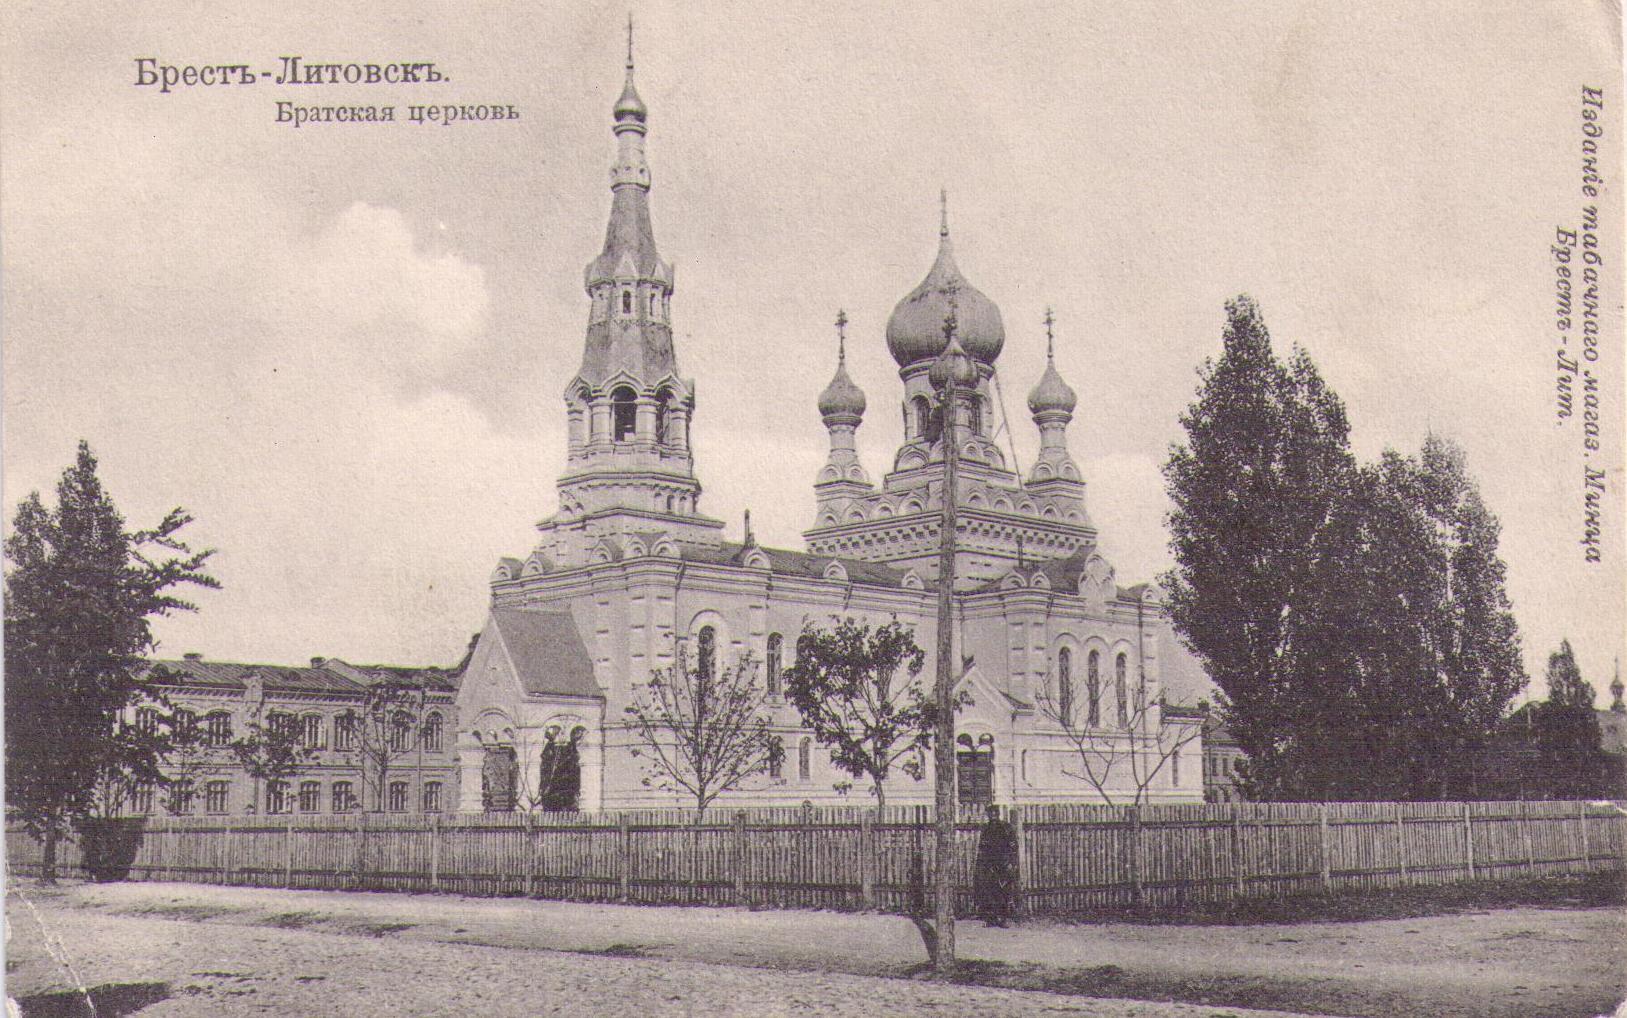 Братская церковь